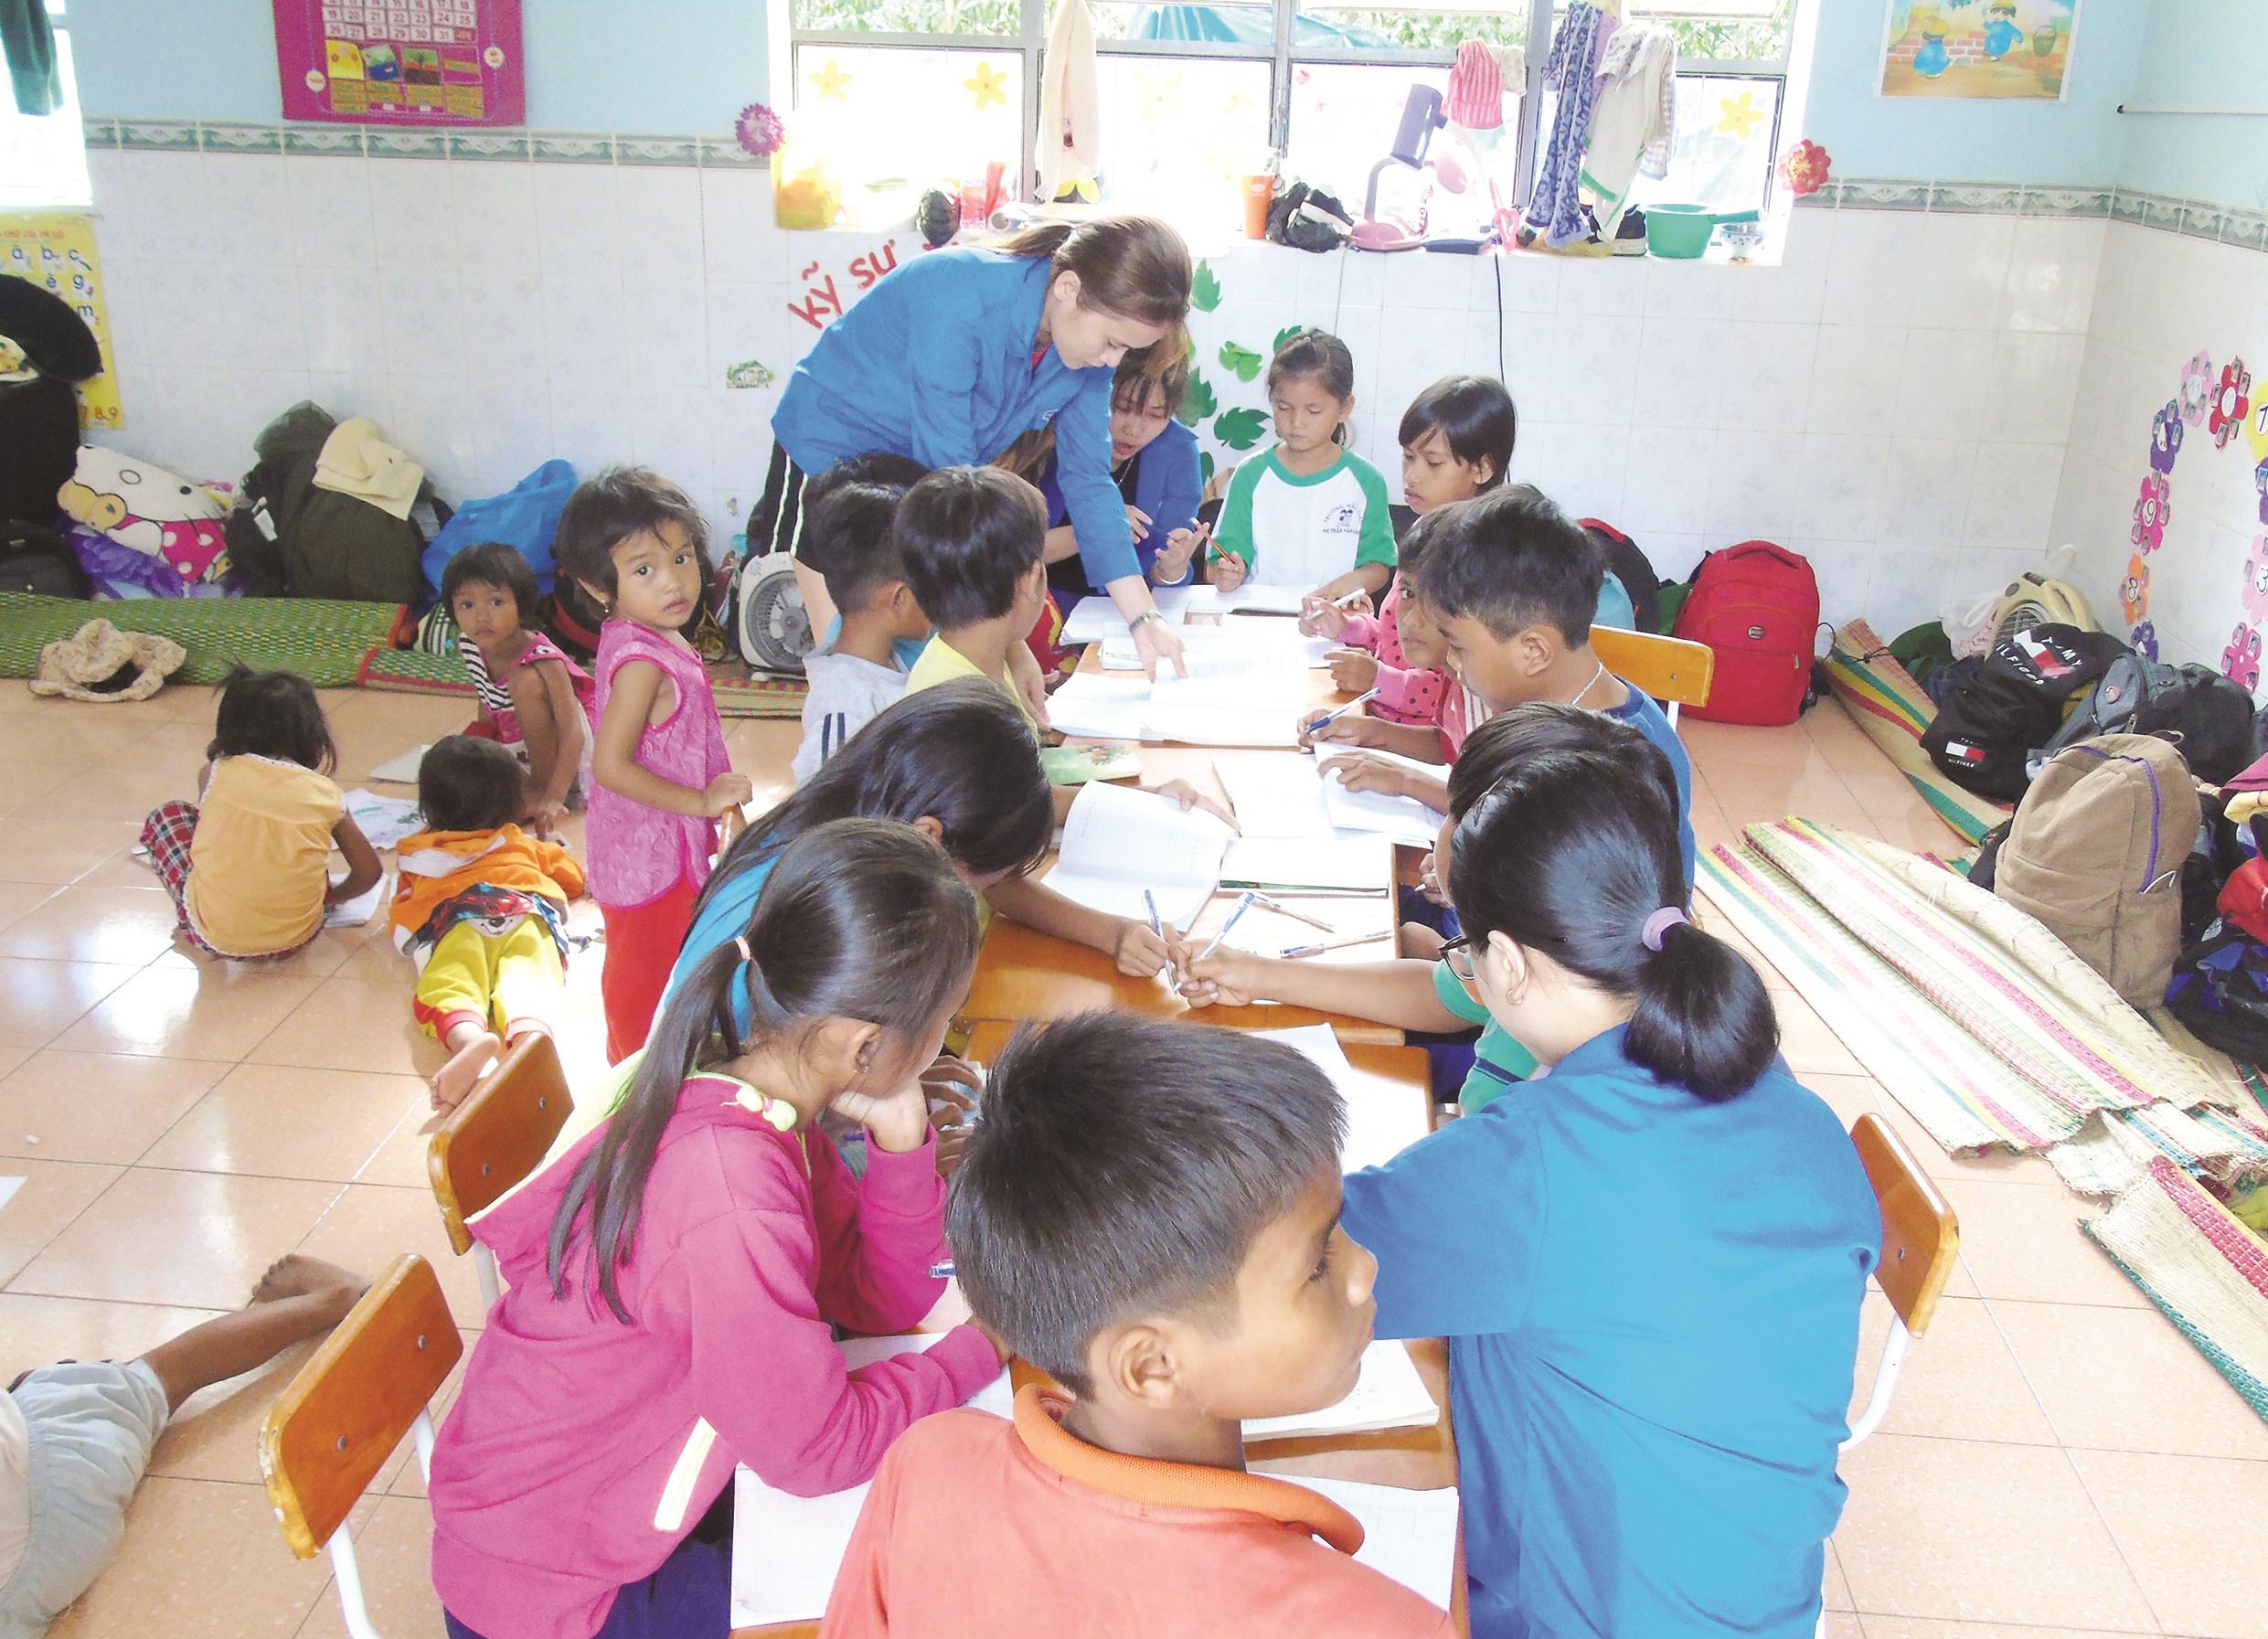 Thanh niên tình nguyện giúp học sinh DTTS rèn luyện thêm tiếng Việt trong dịp hè.